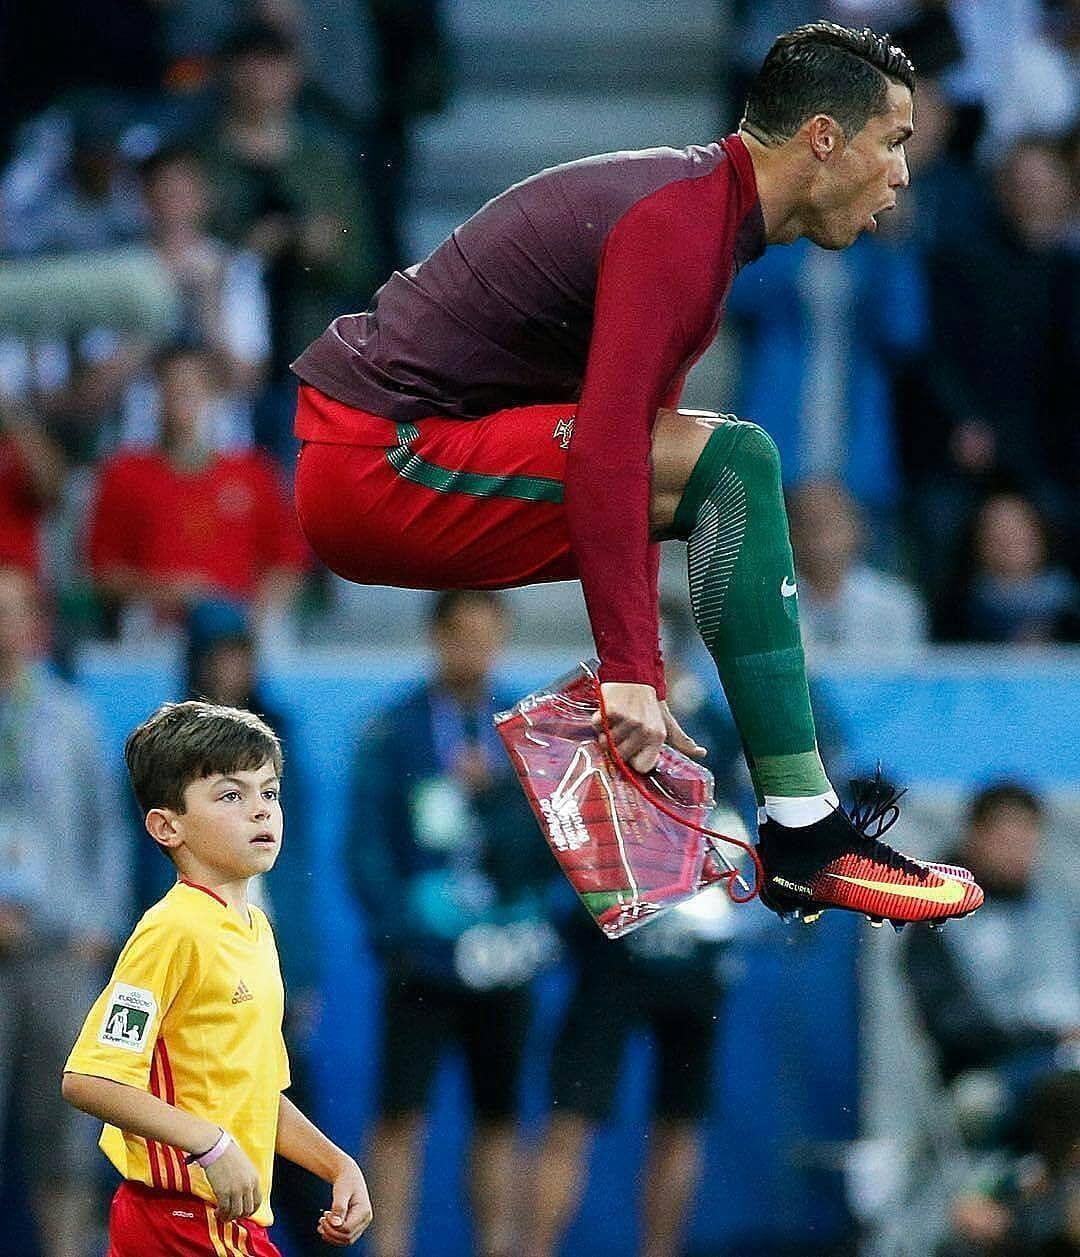 High jump mein roonu see accha koi nahi hai